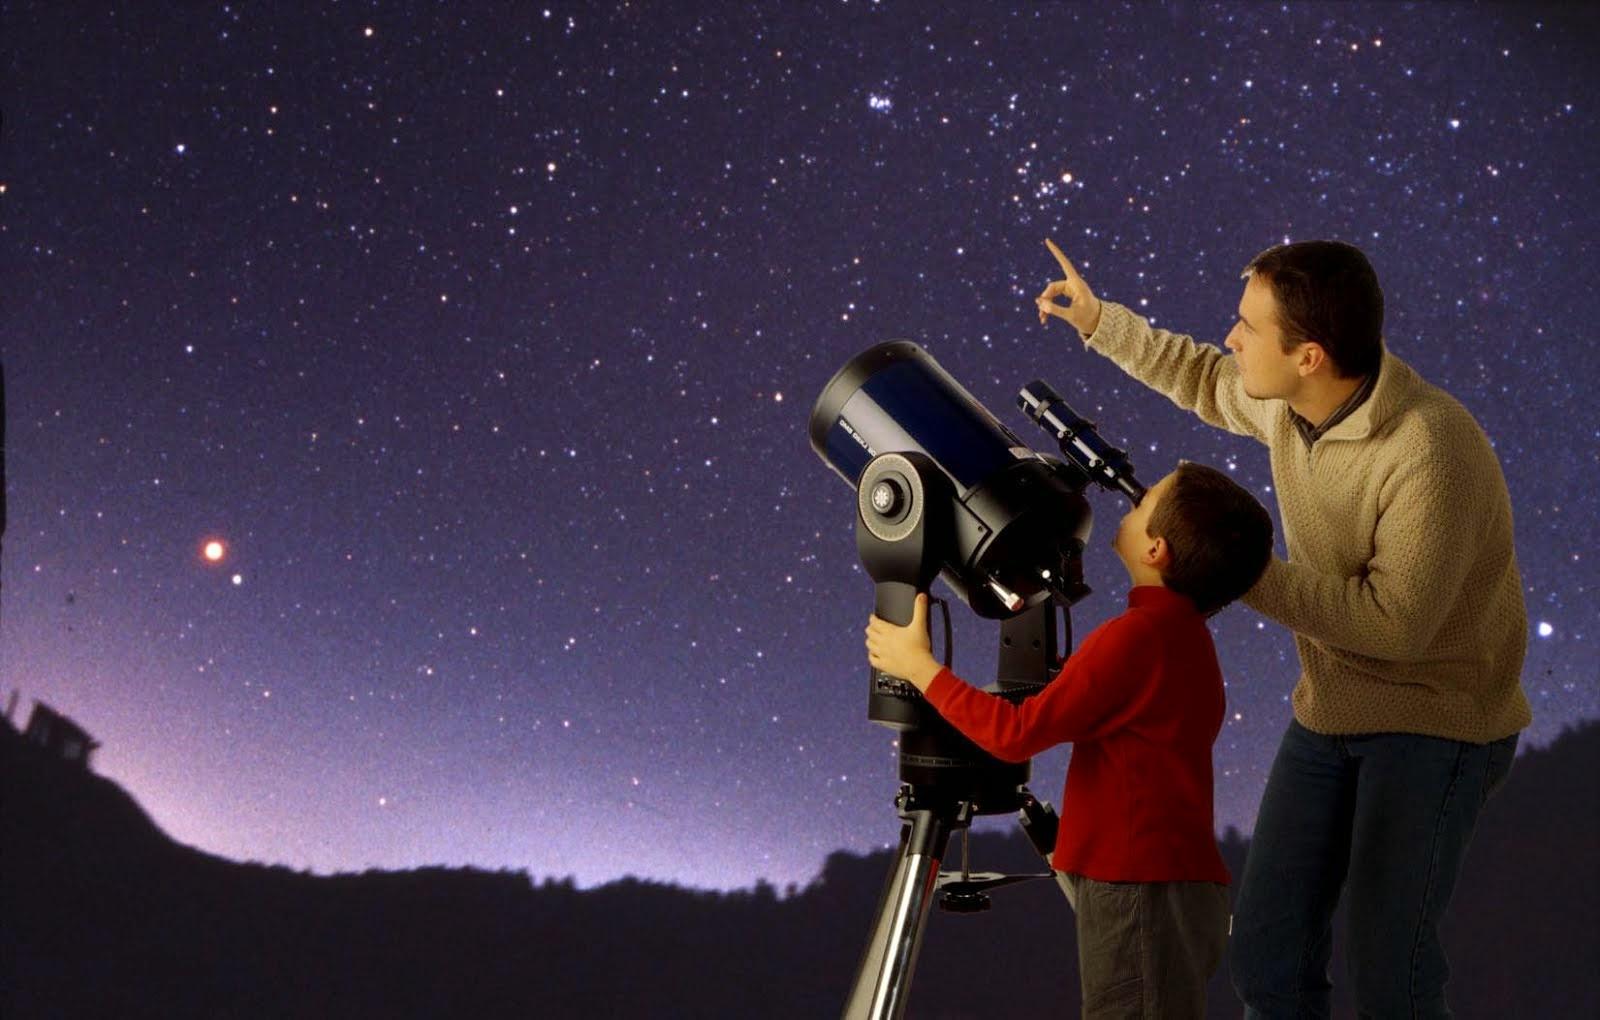 Mirando a las estrellas.